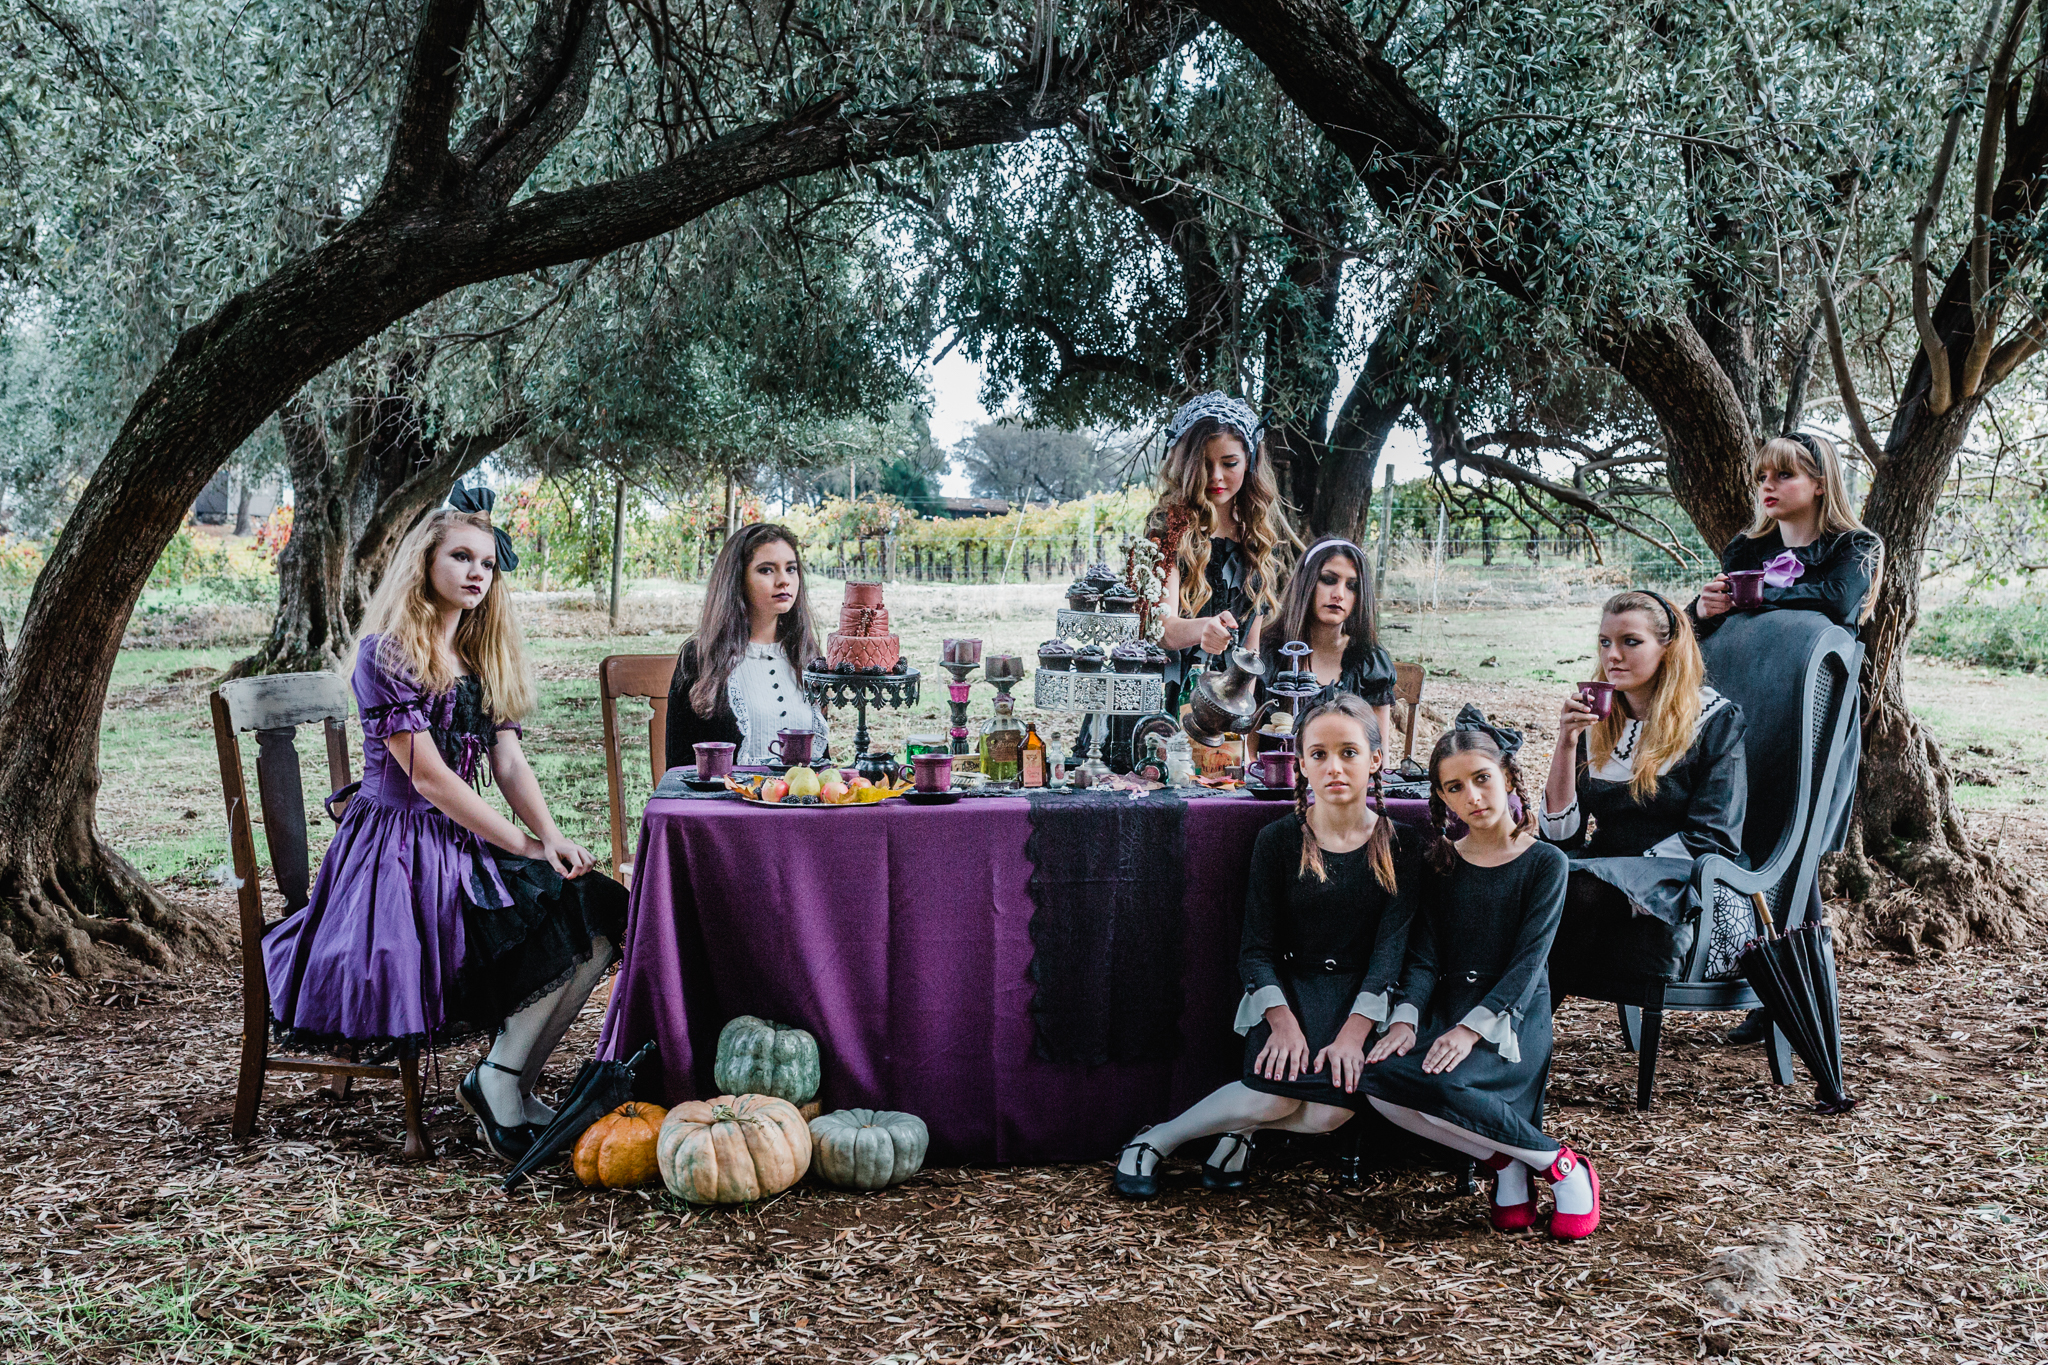 The Unconventional Portrait   Gothic Tea Party   Lenkaland Photo